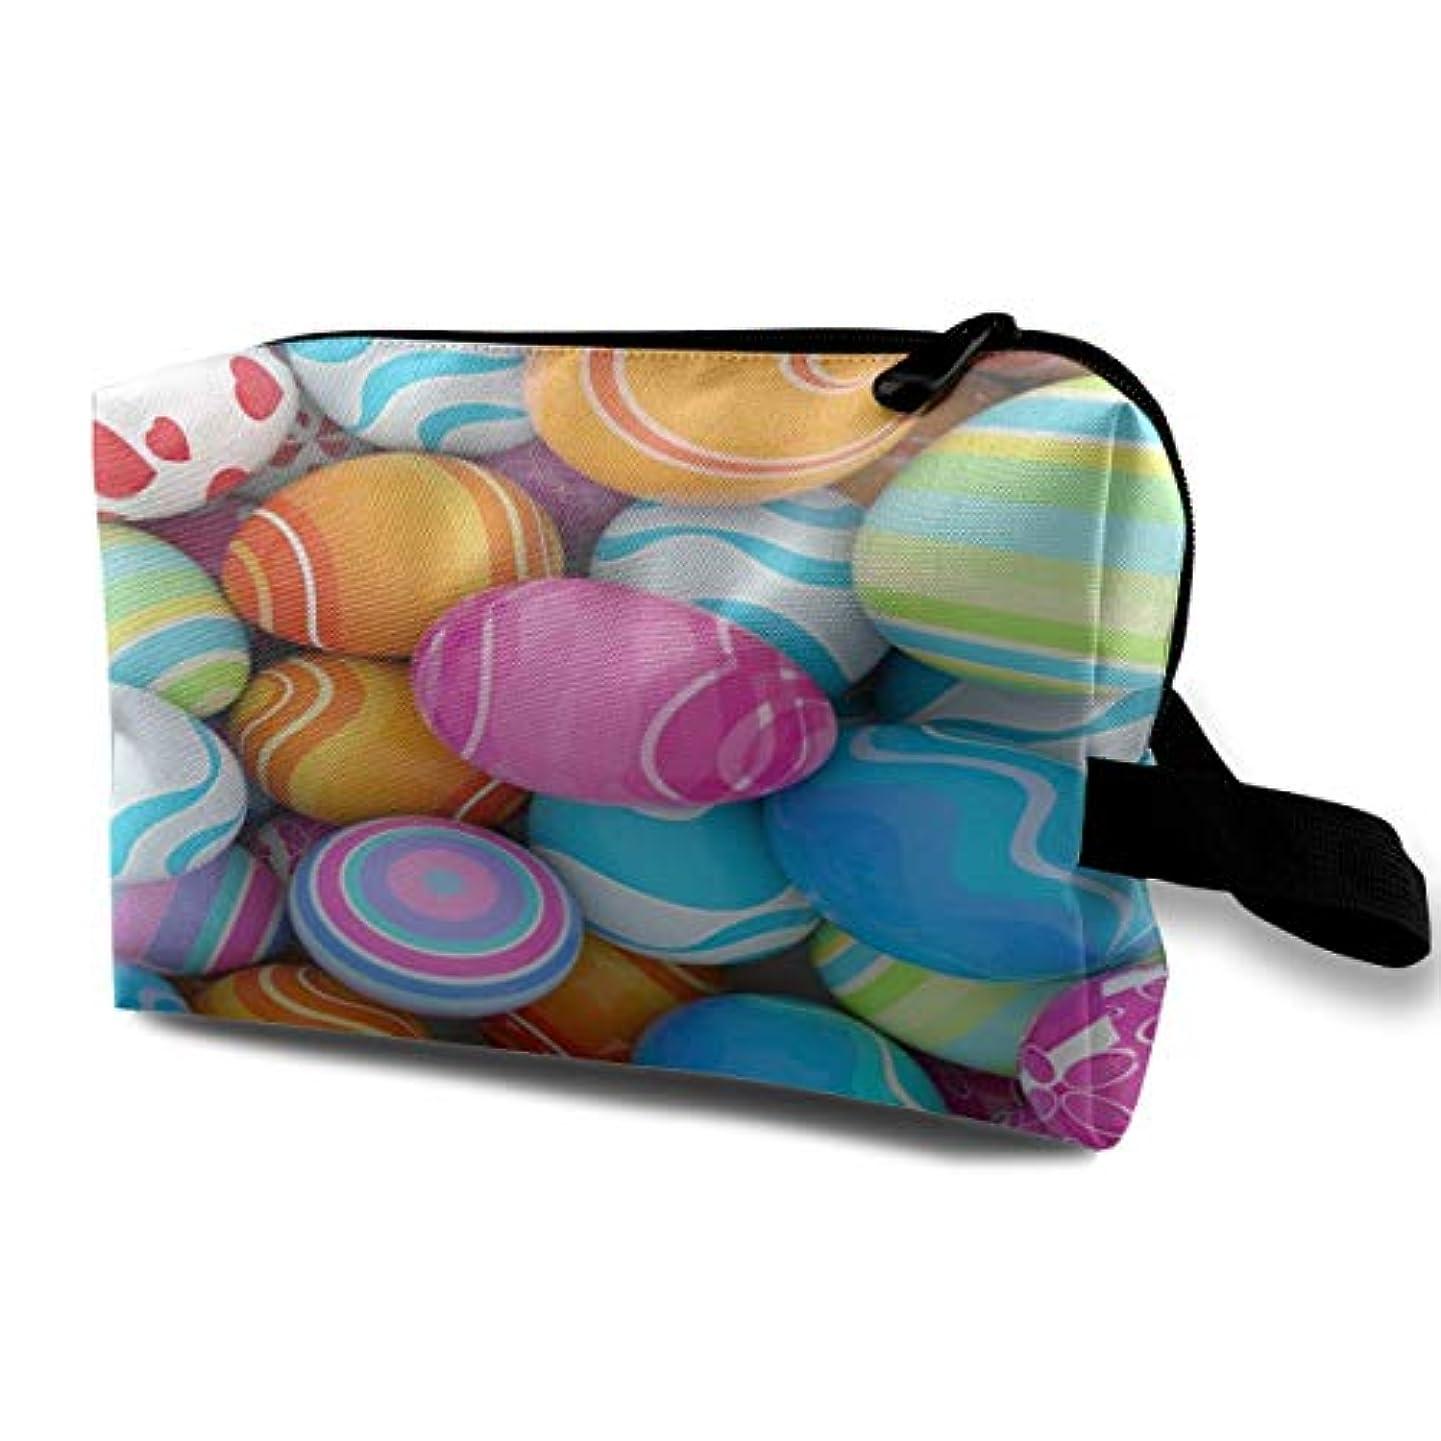 酔っ払いどうしたの陸軍Easter Eggs Multicolor 収納ポーチ 化粧ポーチ 大容量 軽量 耐久性 ハンドル付持ち運び便利。入れ 自宅?出張?旅行?アウトドア撮影などに対応。メンズ レディース トラベルグッズ